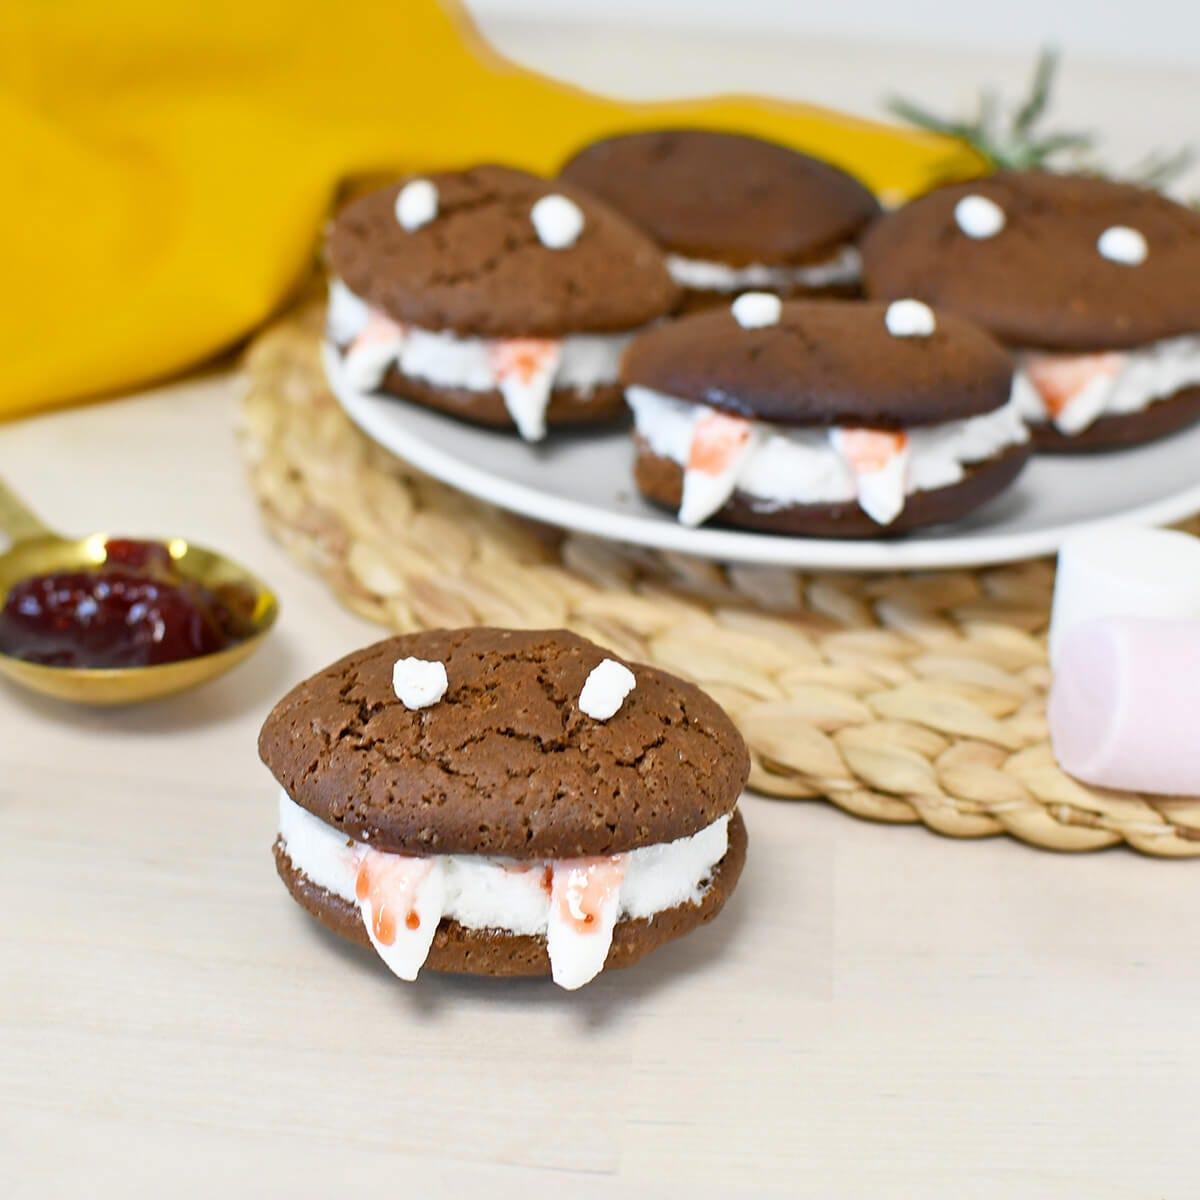 È presto Halloween : realizzate questi terrificanti biscotti Vampiri per spaventare e deliziare piccoli e grandi.